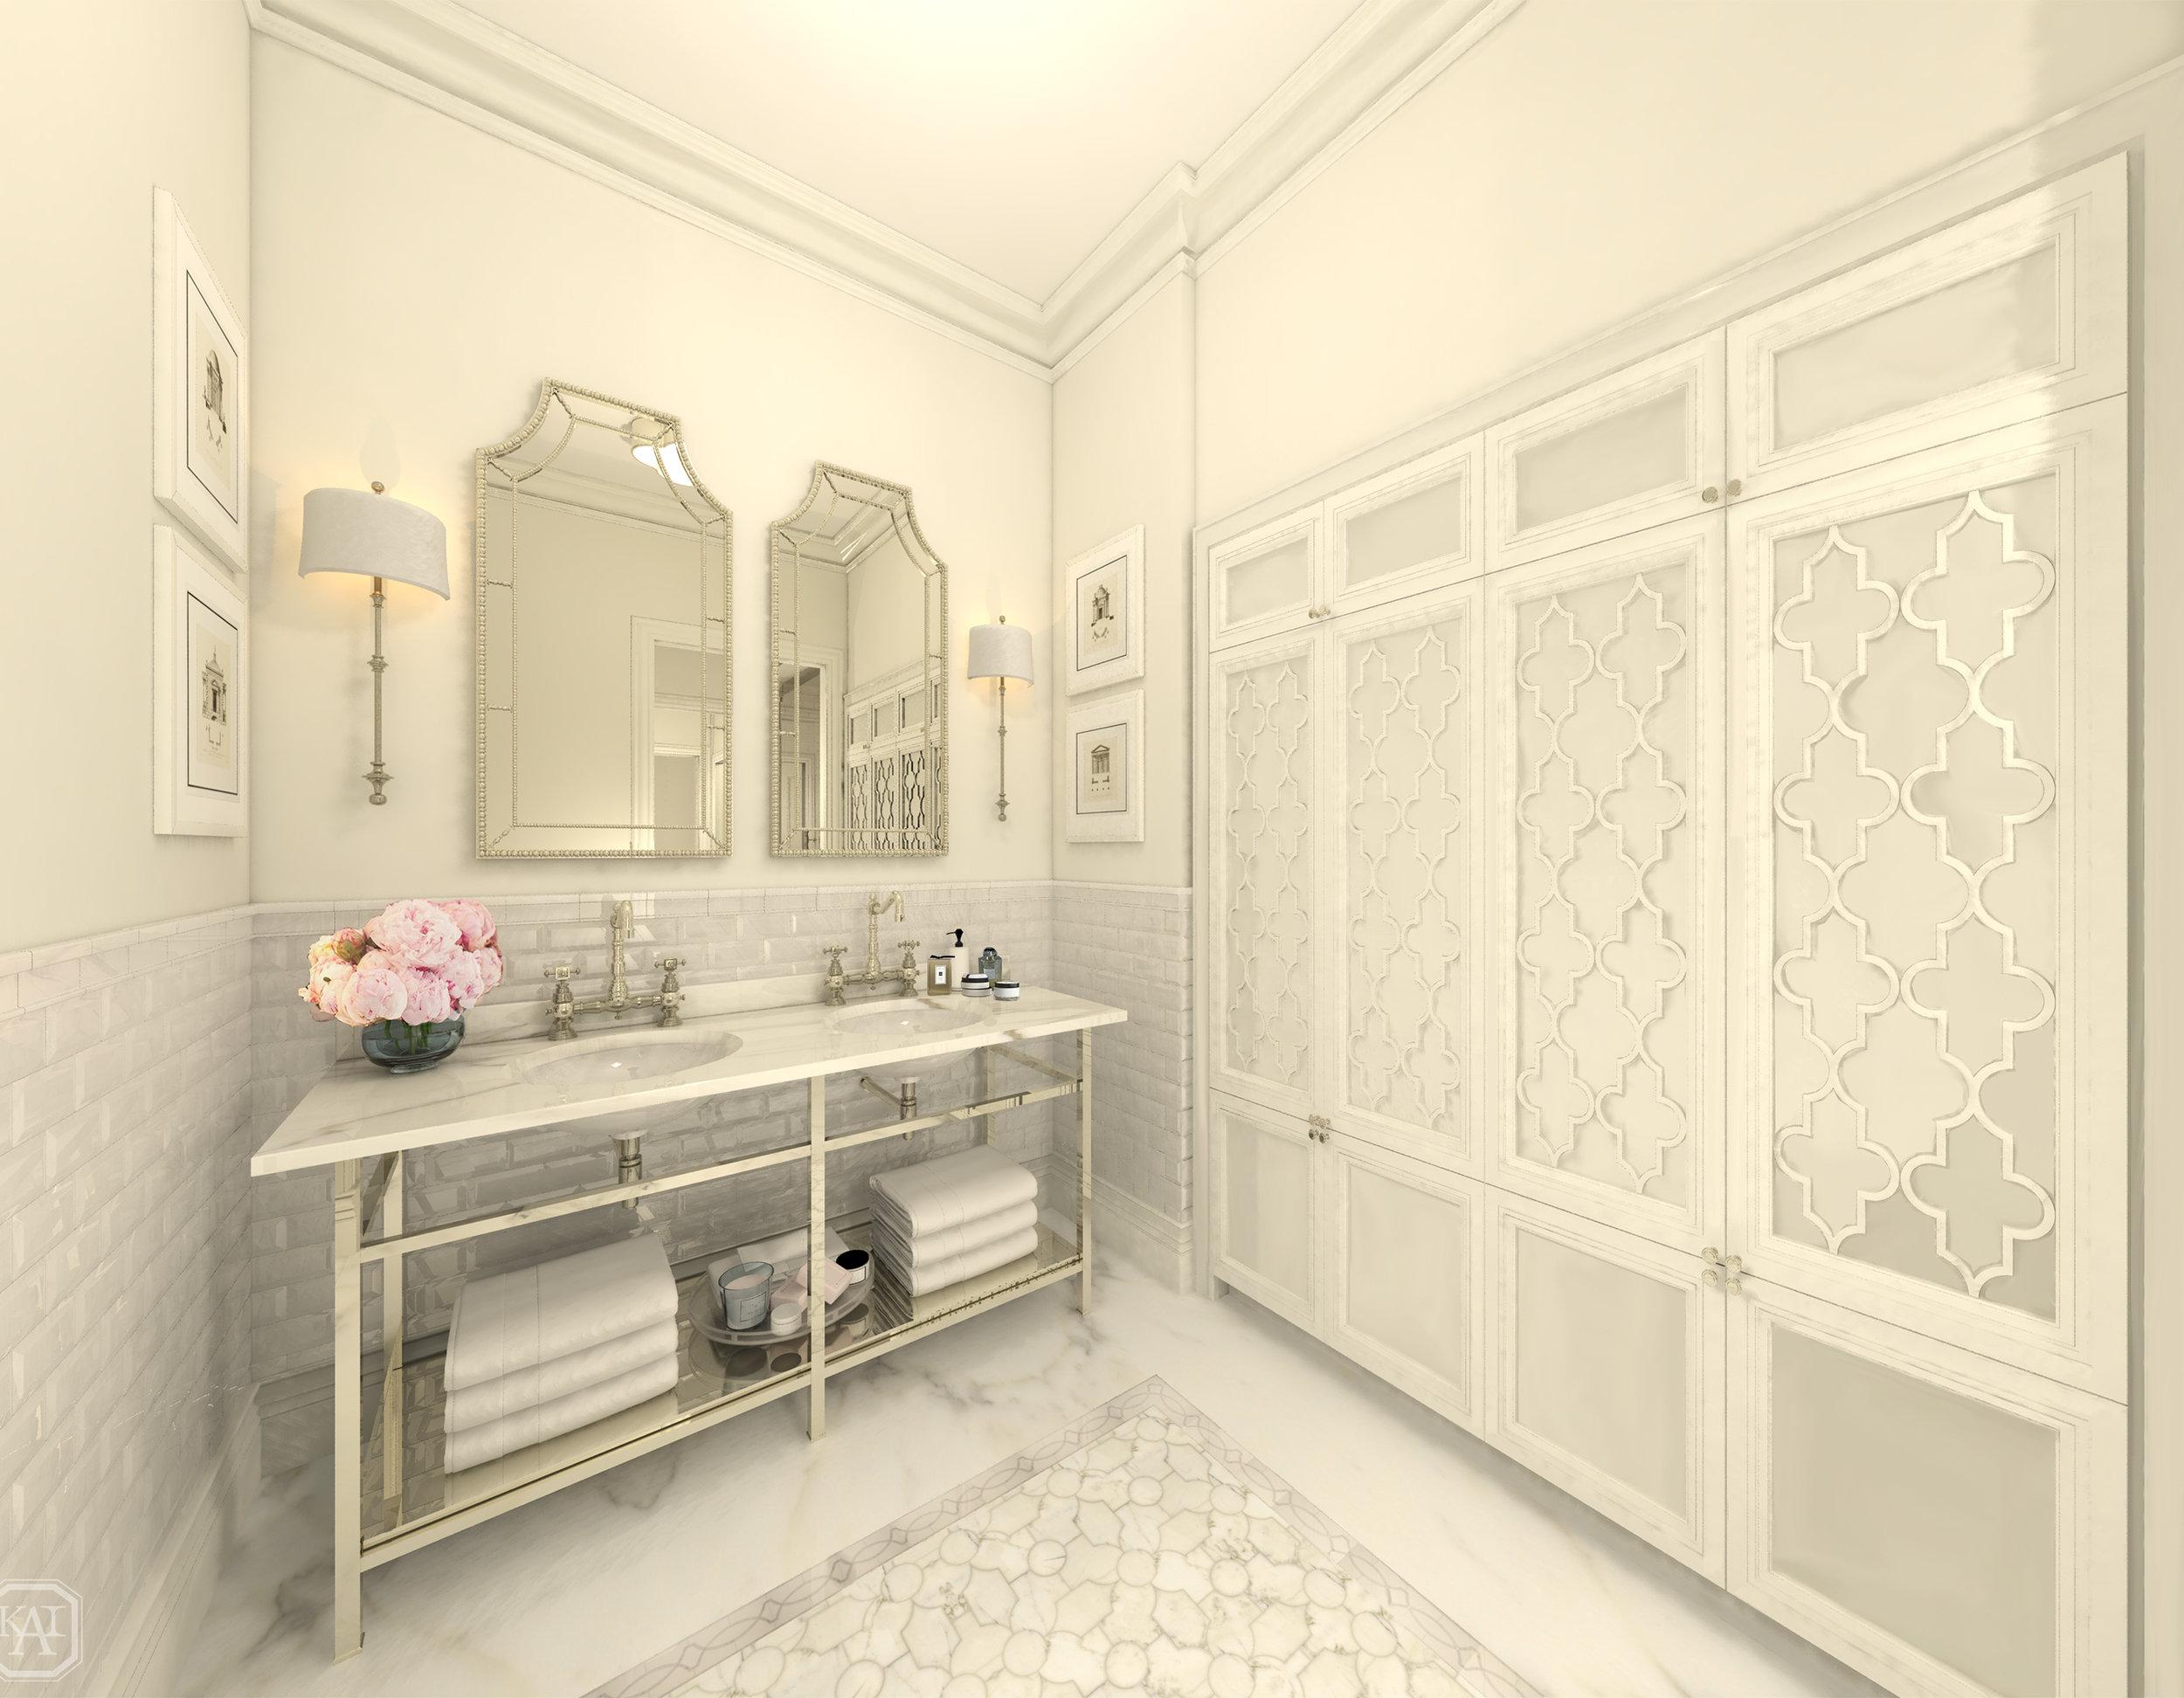 Hotel Suite_VANITY DOUBLE_PORTFOLIO FINAL_wEBSITE.jpg